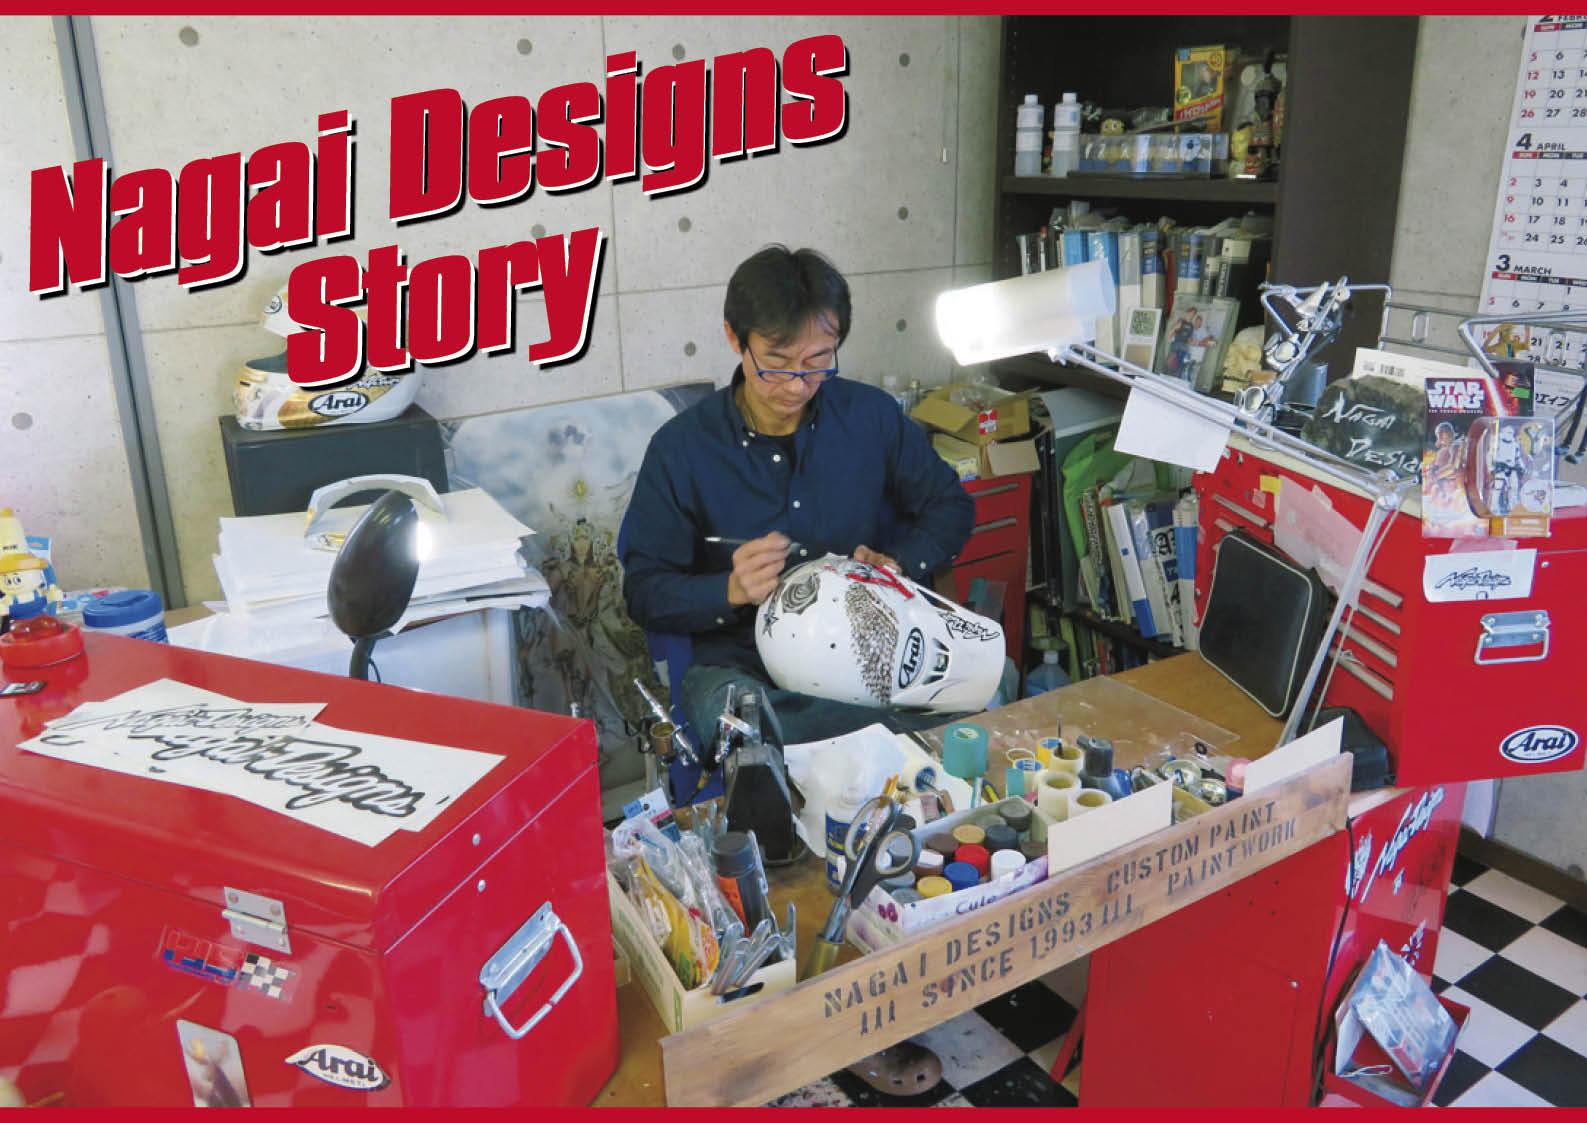 ヘルメットペイントの第一人者 ナガイデザイン代表 長井崇氏 インタビュー 2/2  ジェットスキー(水上バイク)